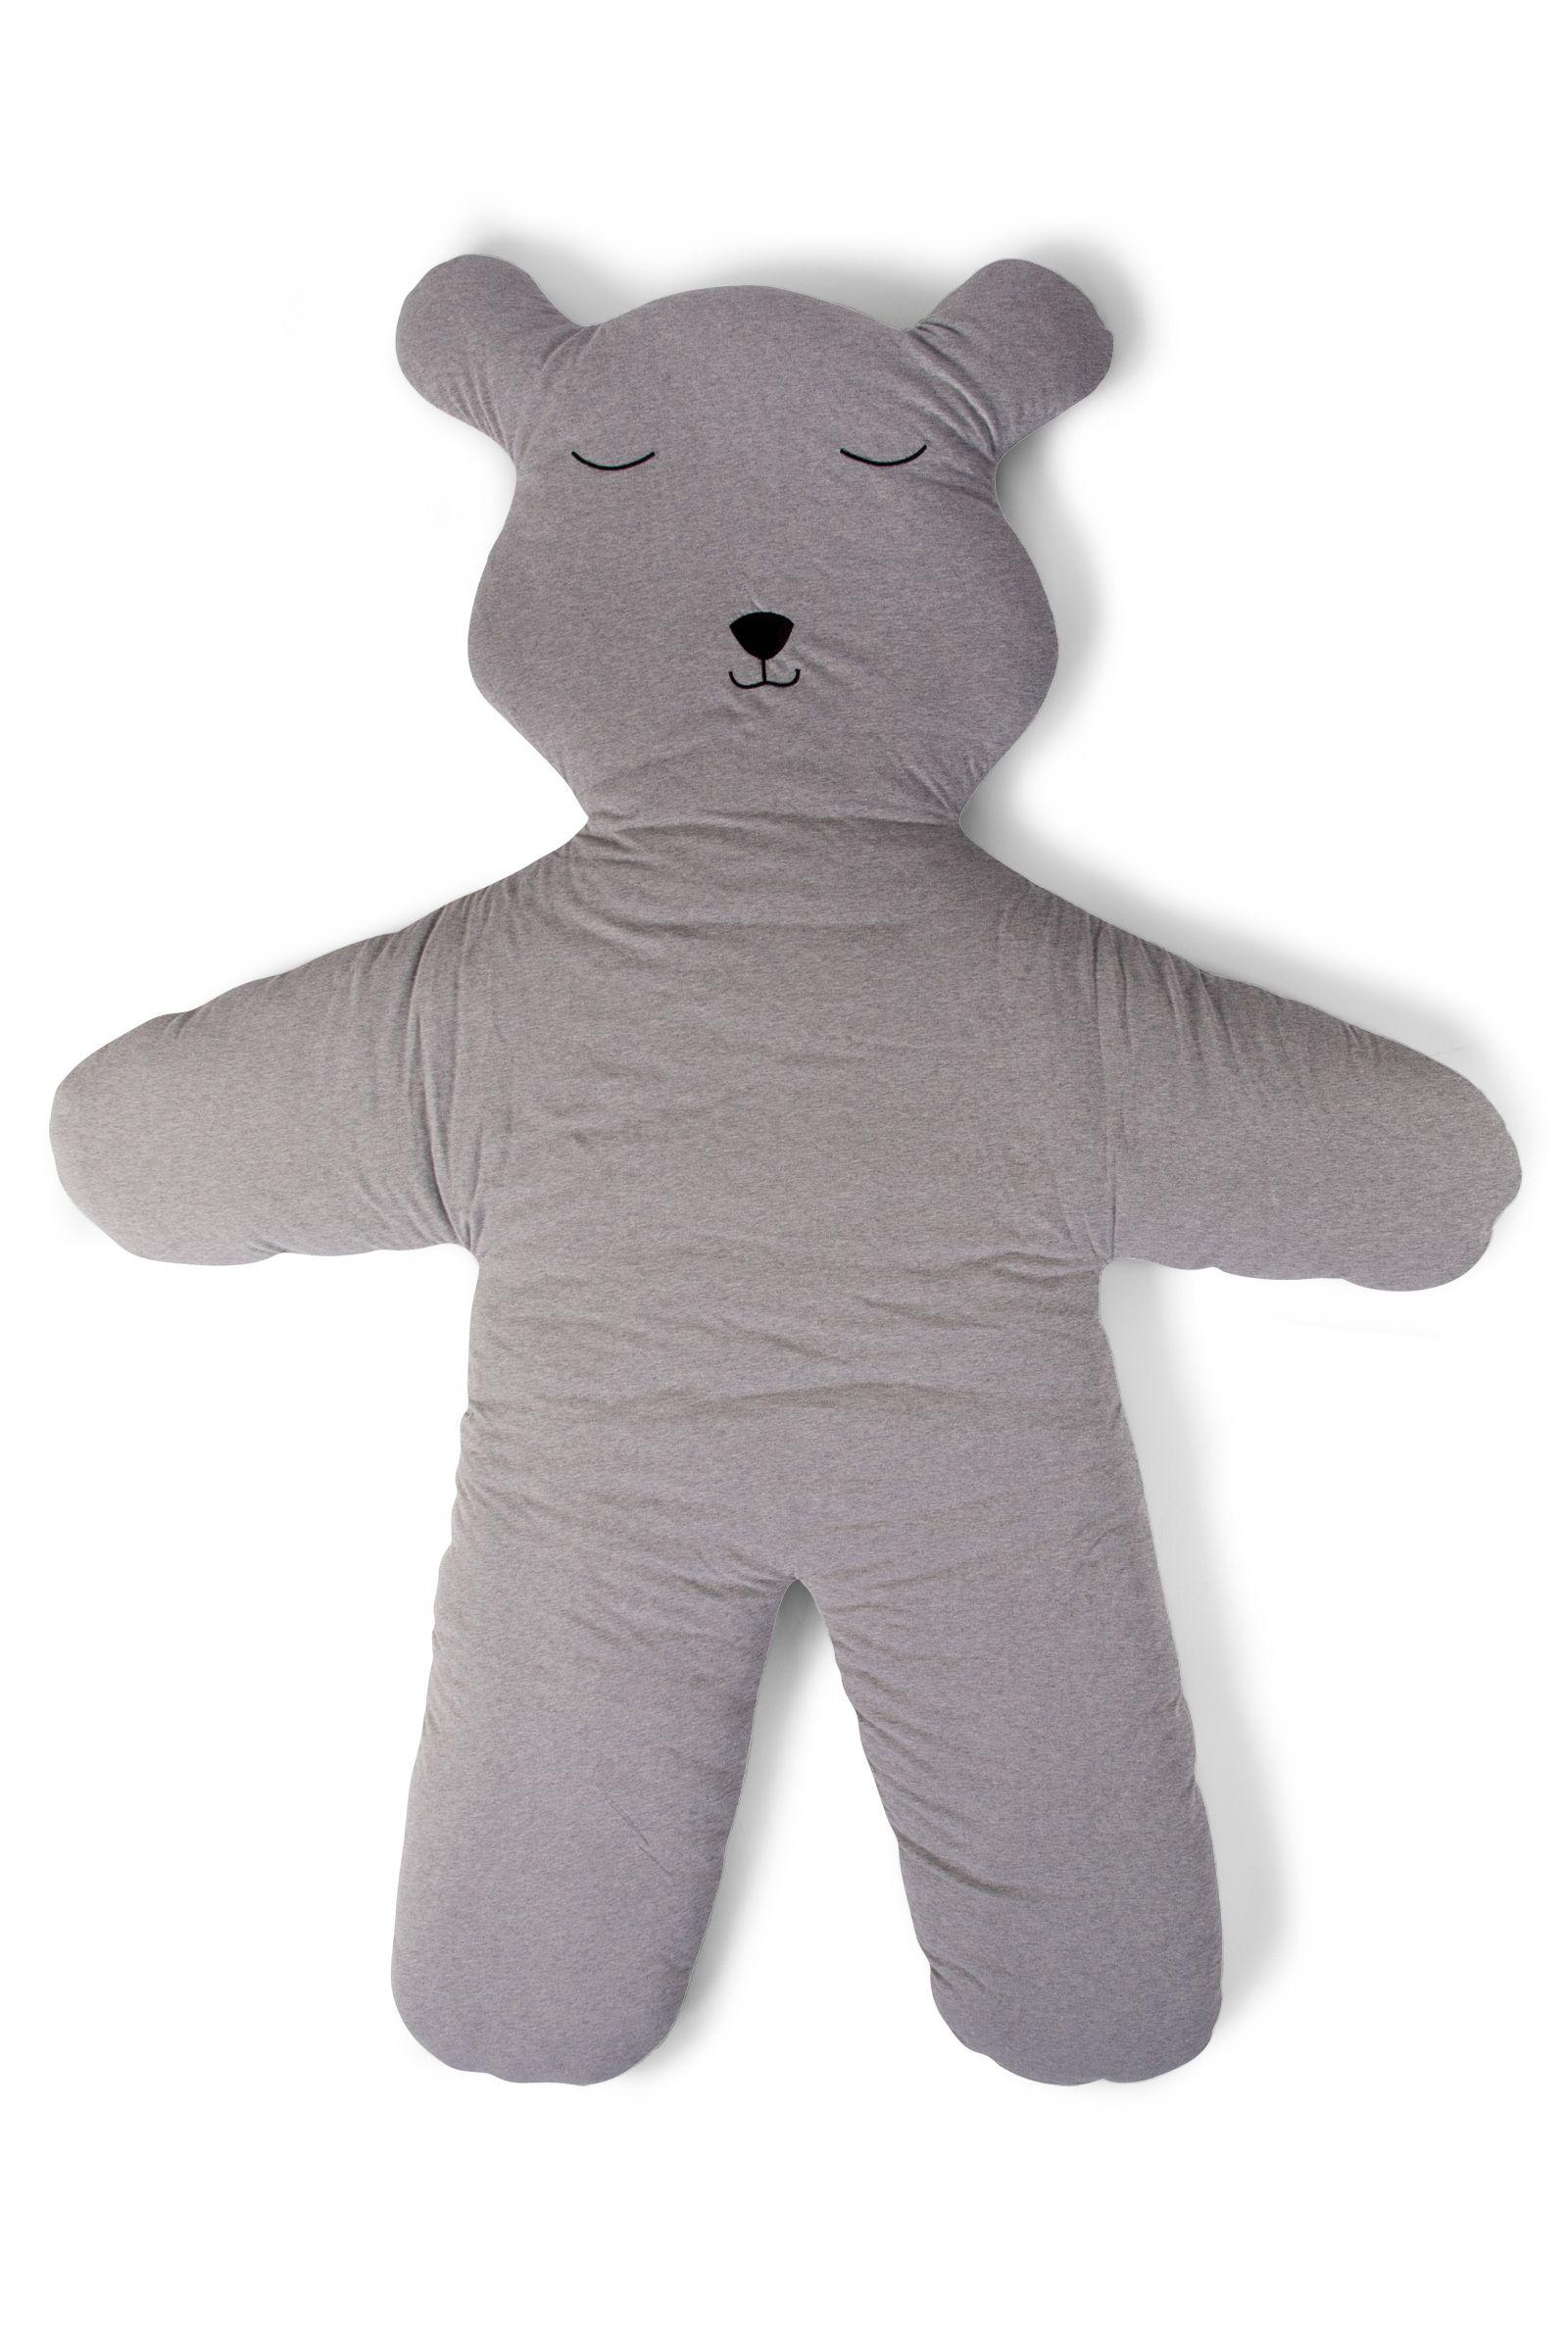 Childhome speelmat teddybeer - 150 CM - jersey - grijs